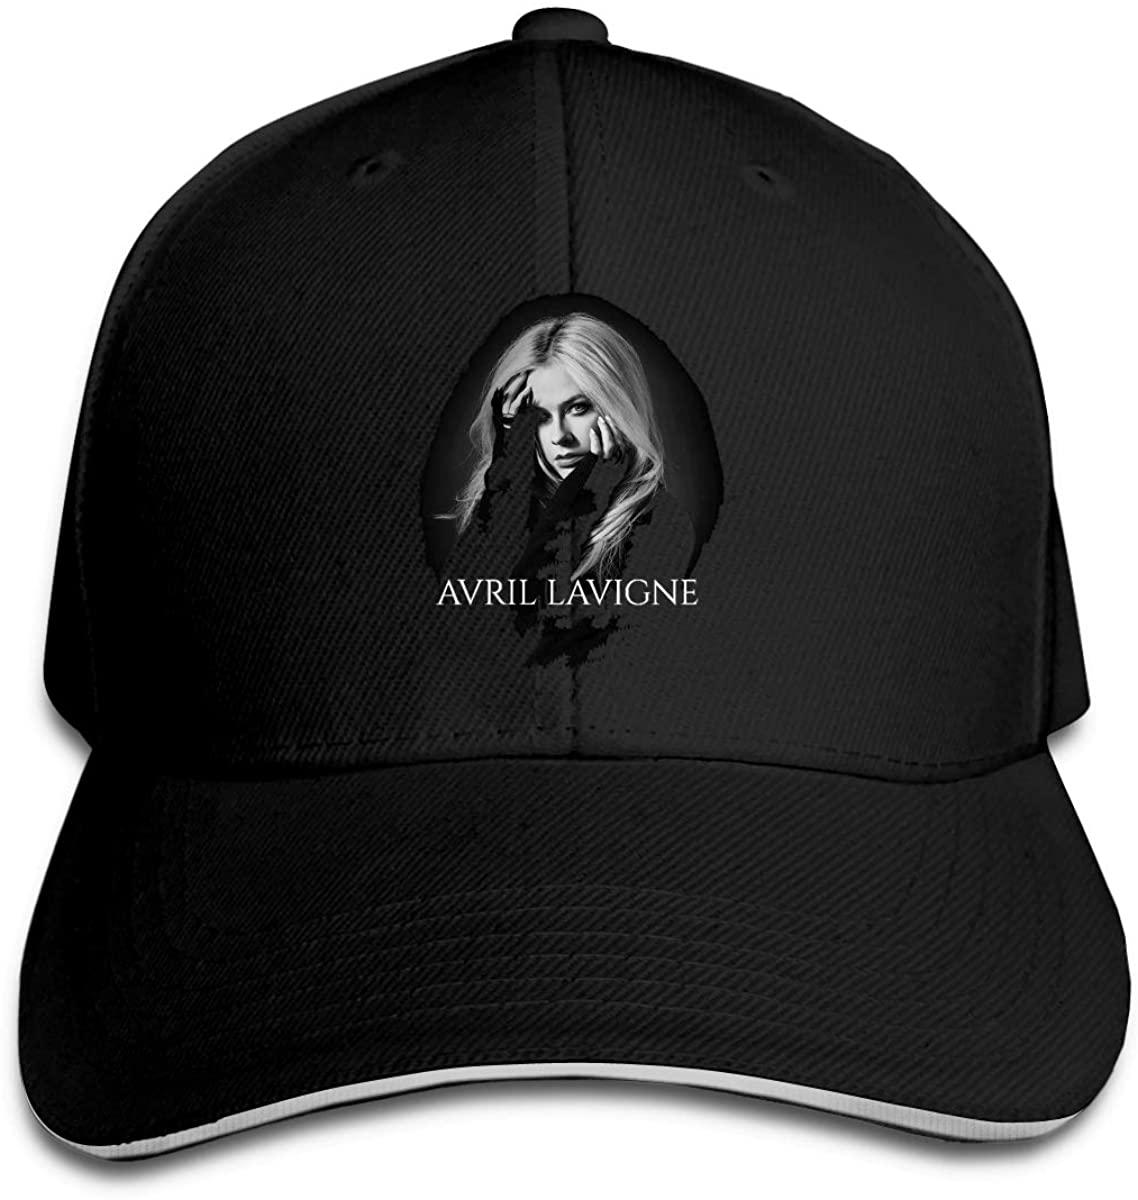 N/C Avril Lavigne Men Womens Baseball Cap Washed Cotton Adjustable Hat